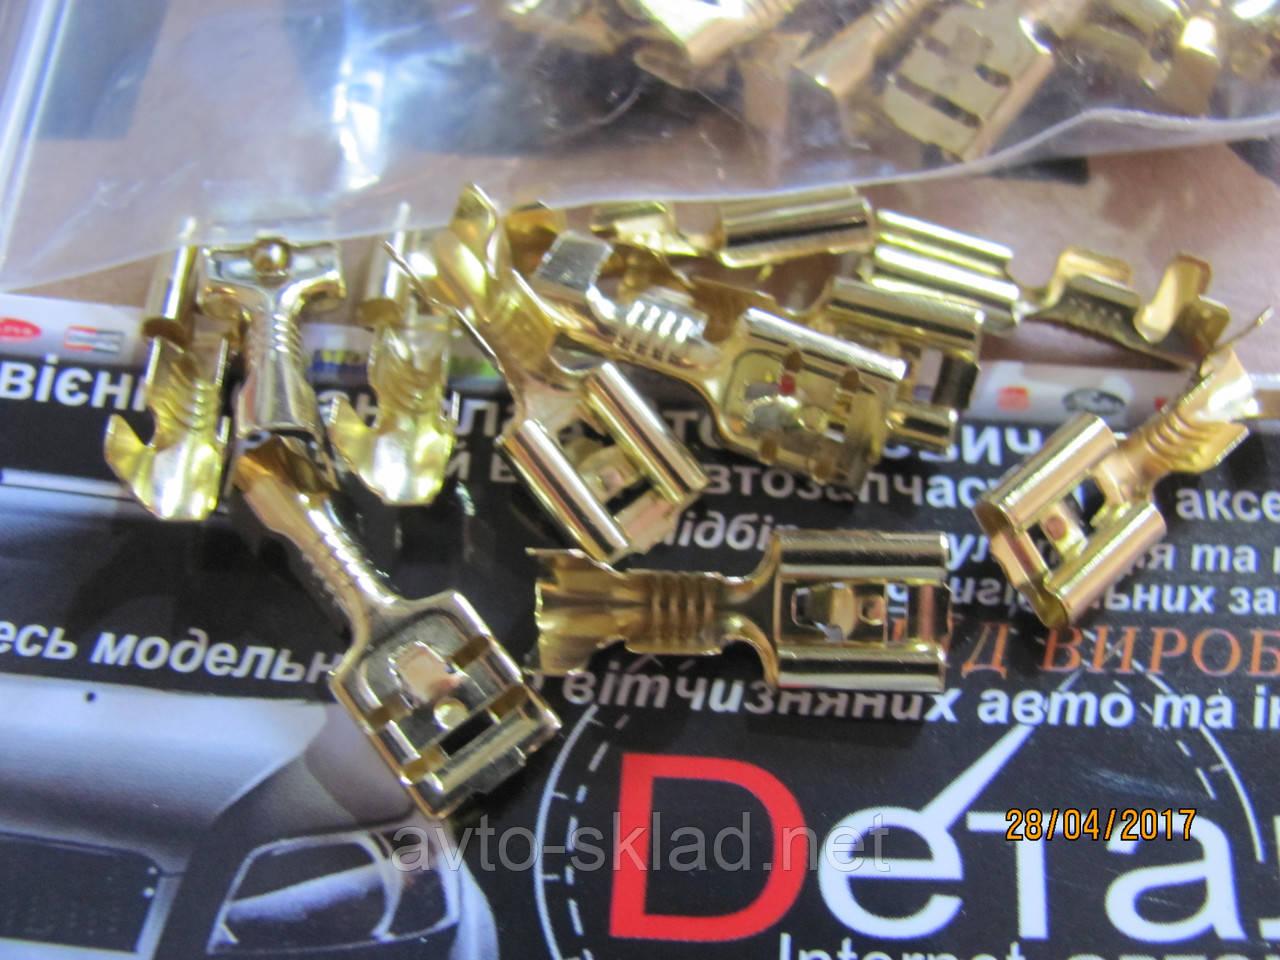 Клеммы провода латунь (мама) 6,3 мм 100 штук в пачке